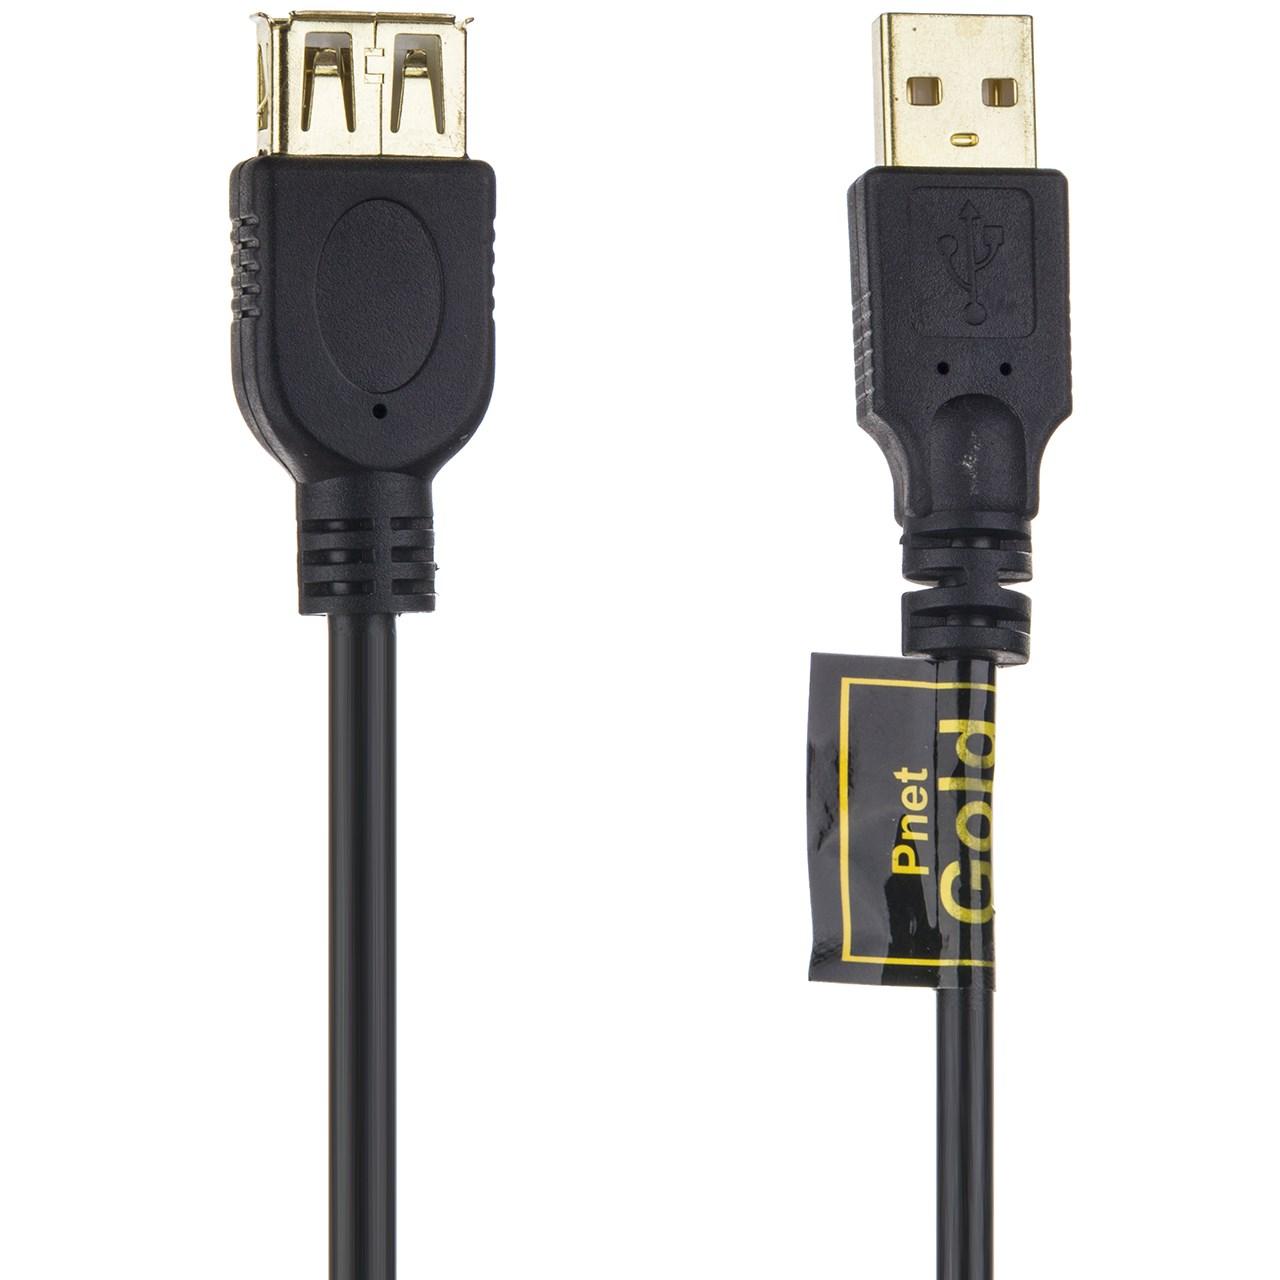 کابل افزایش طول USB 2.0 پی نت مدل Gold طول 5 متر